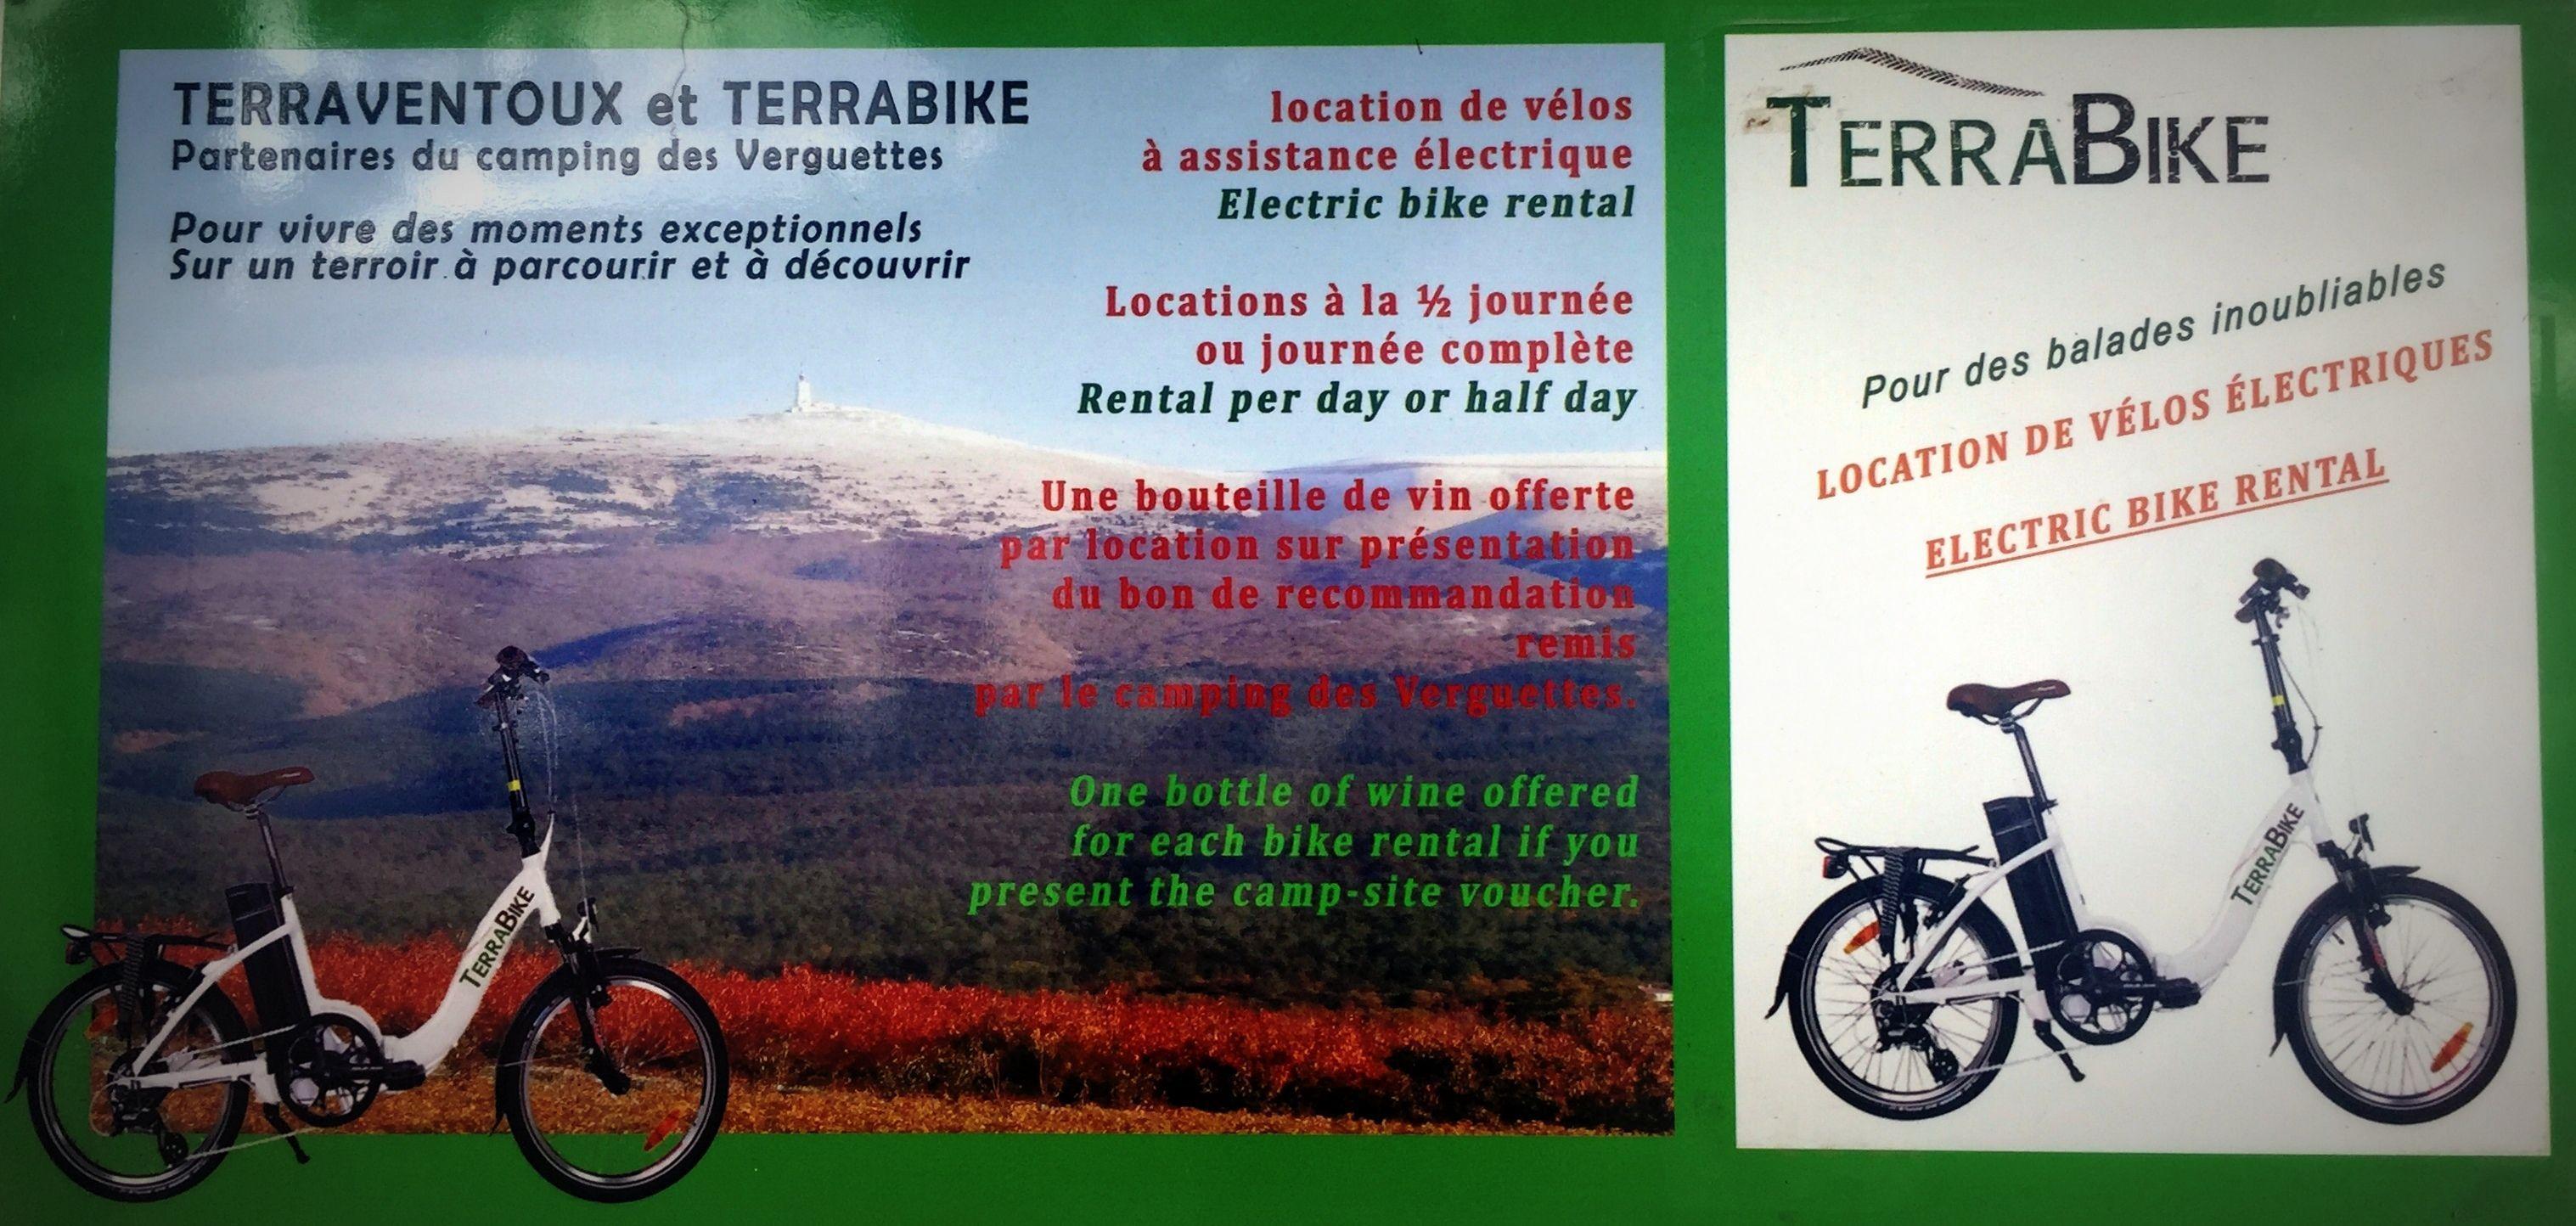 Vélos électriques Terraventoux